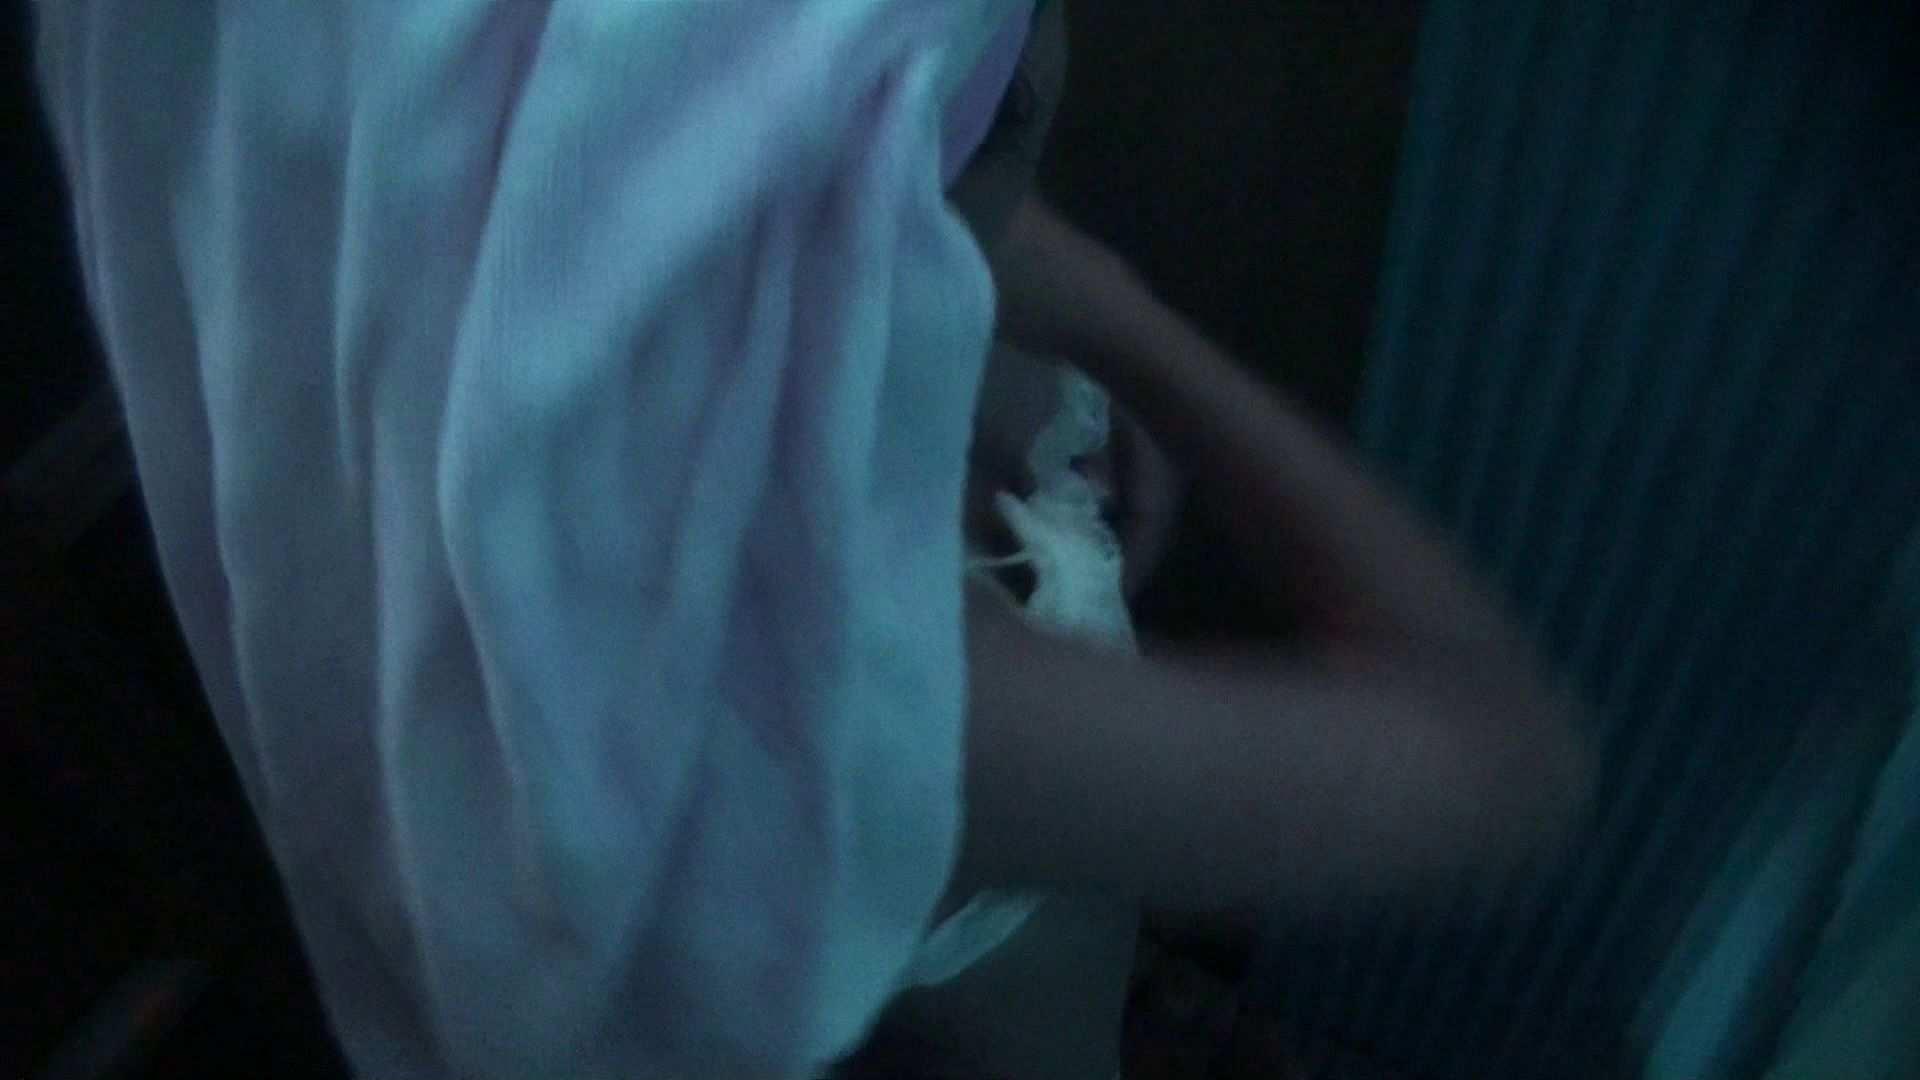 シャワールームは超!!危険な香りVol.26 大学生風美形ギャル 暗さが残念! OLの実態  86pic 12